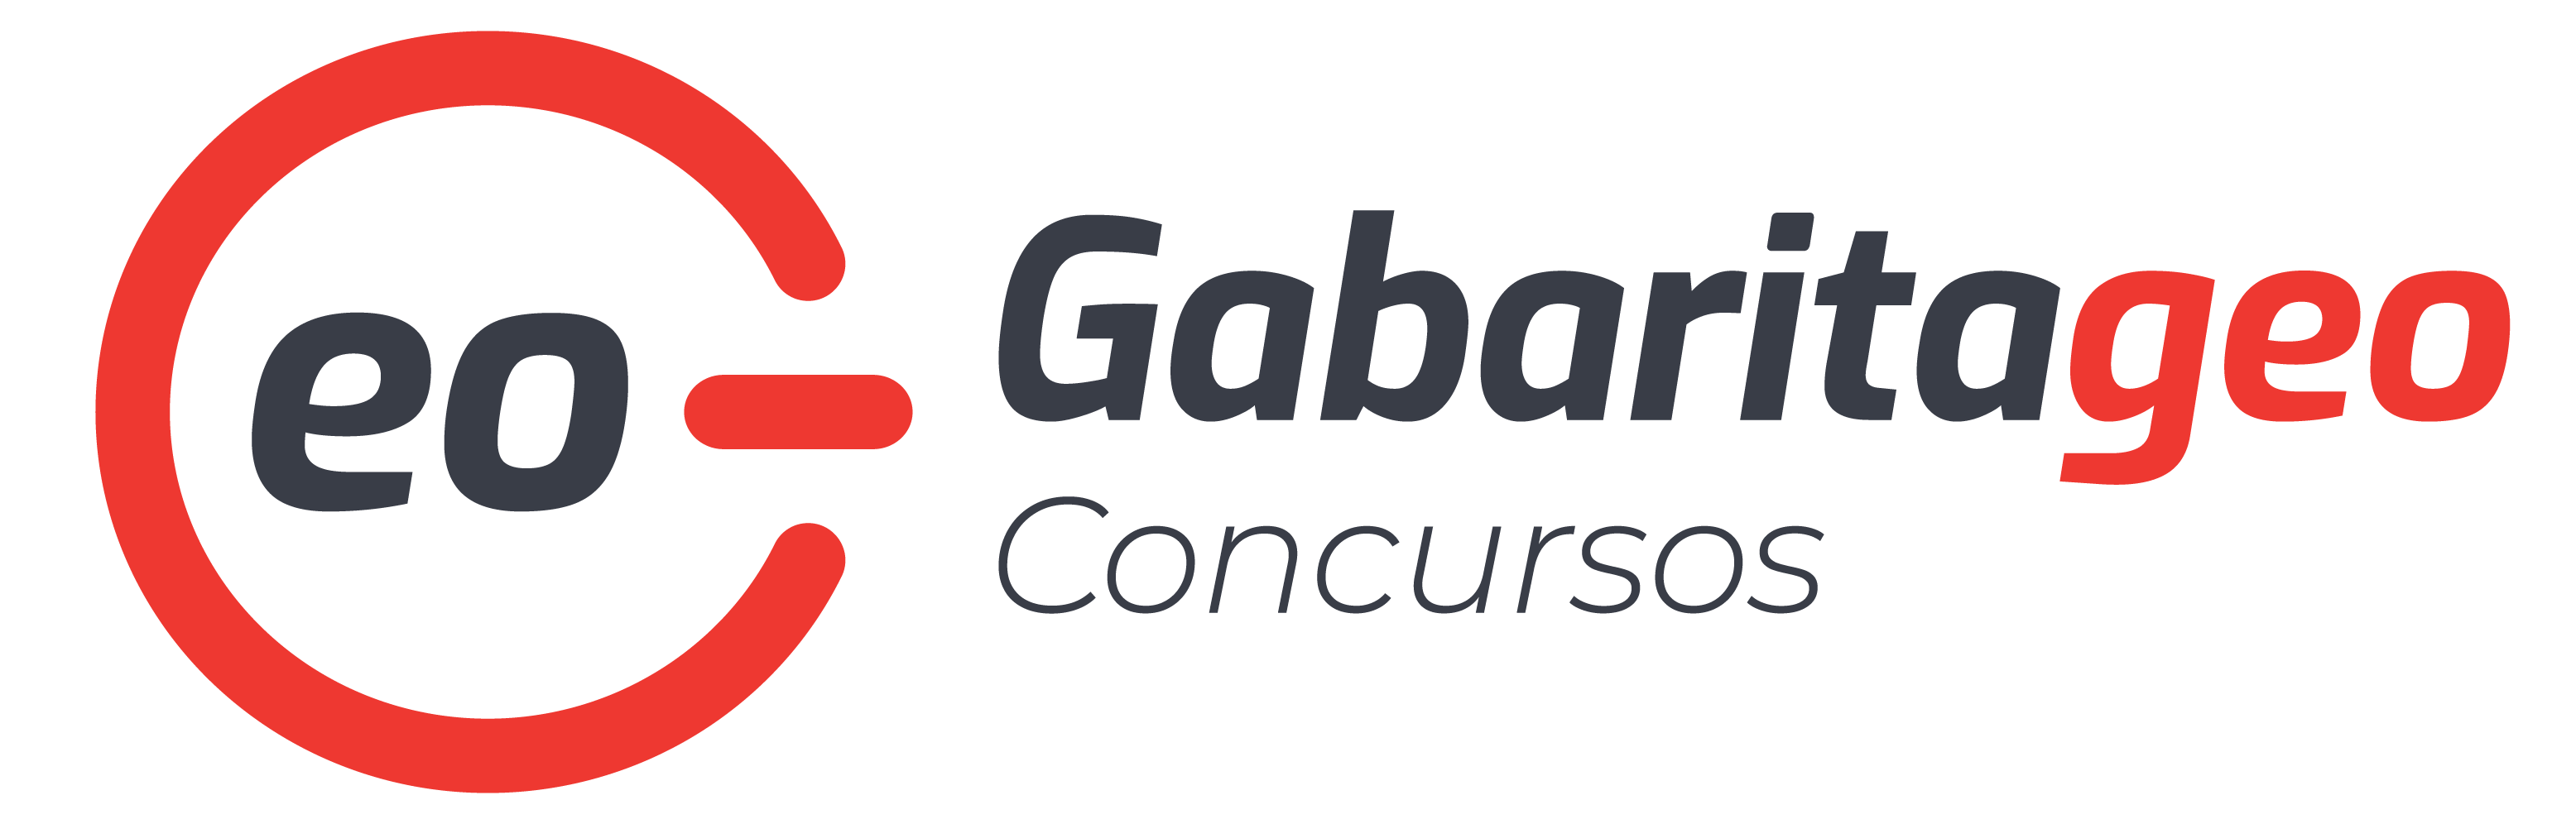 GabaritaGeo Concursos